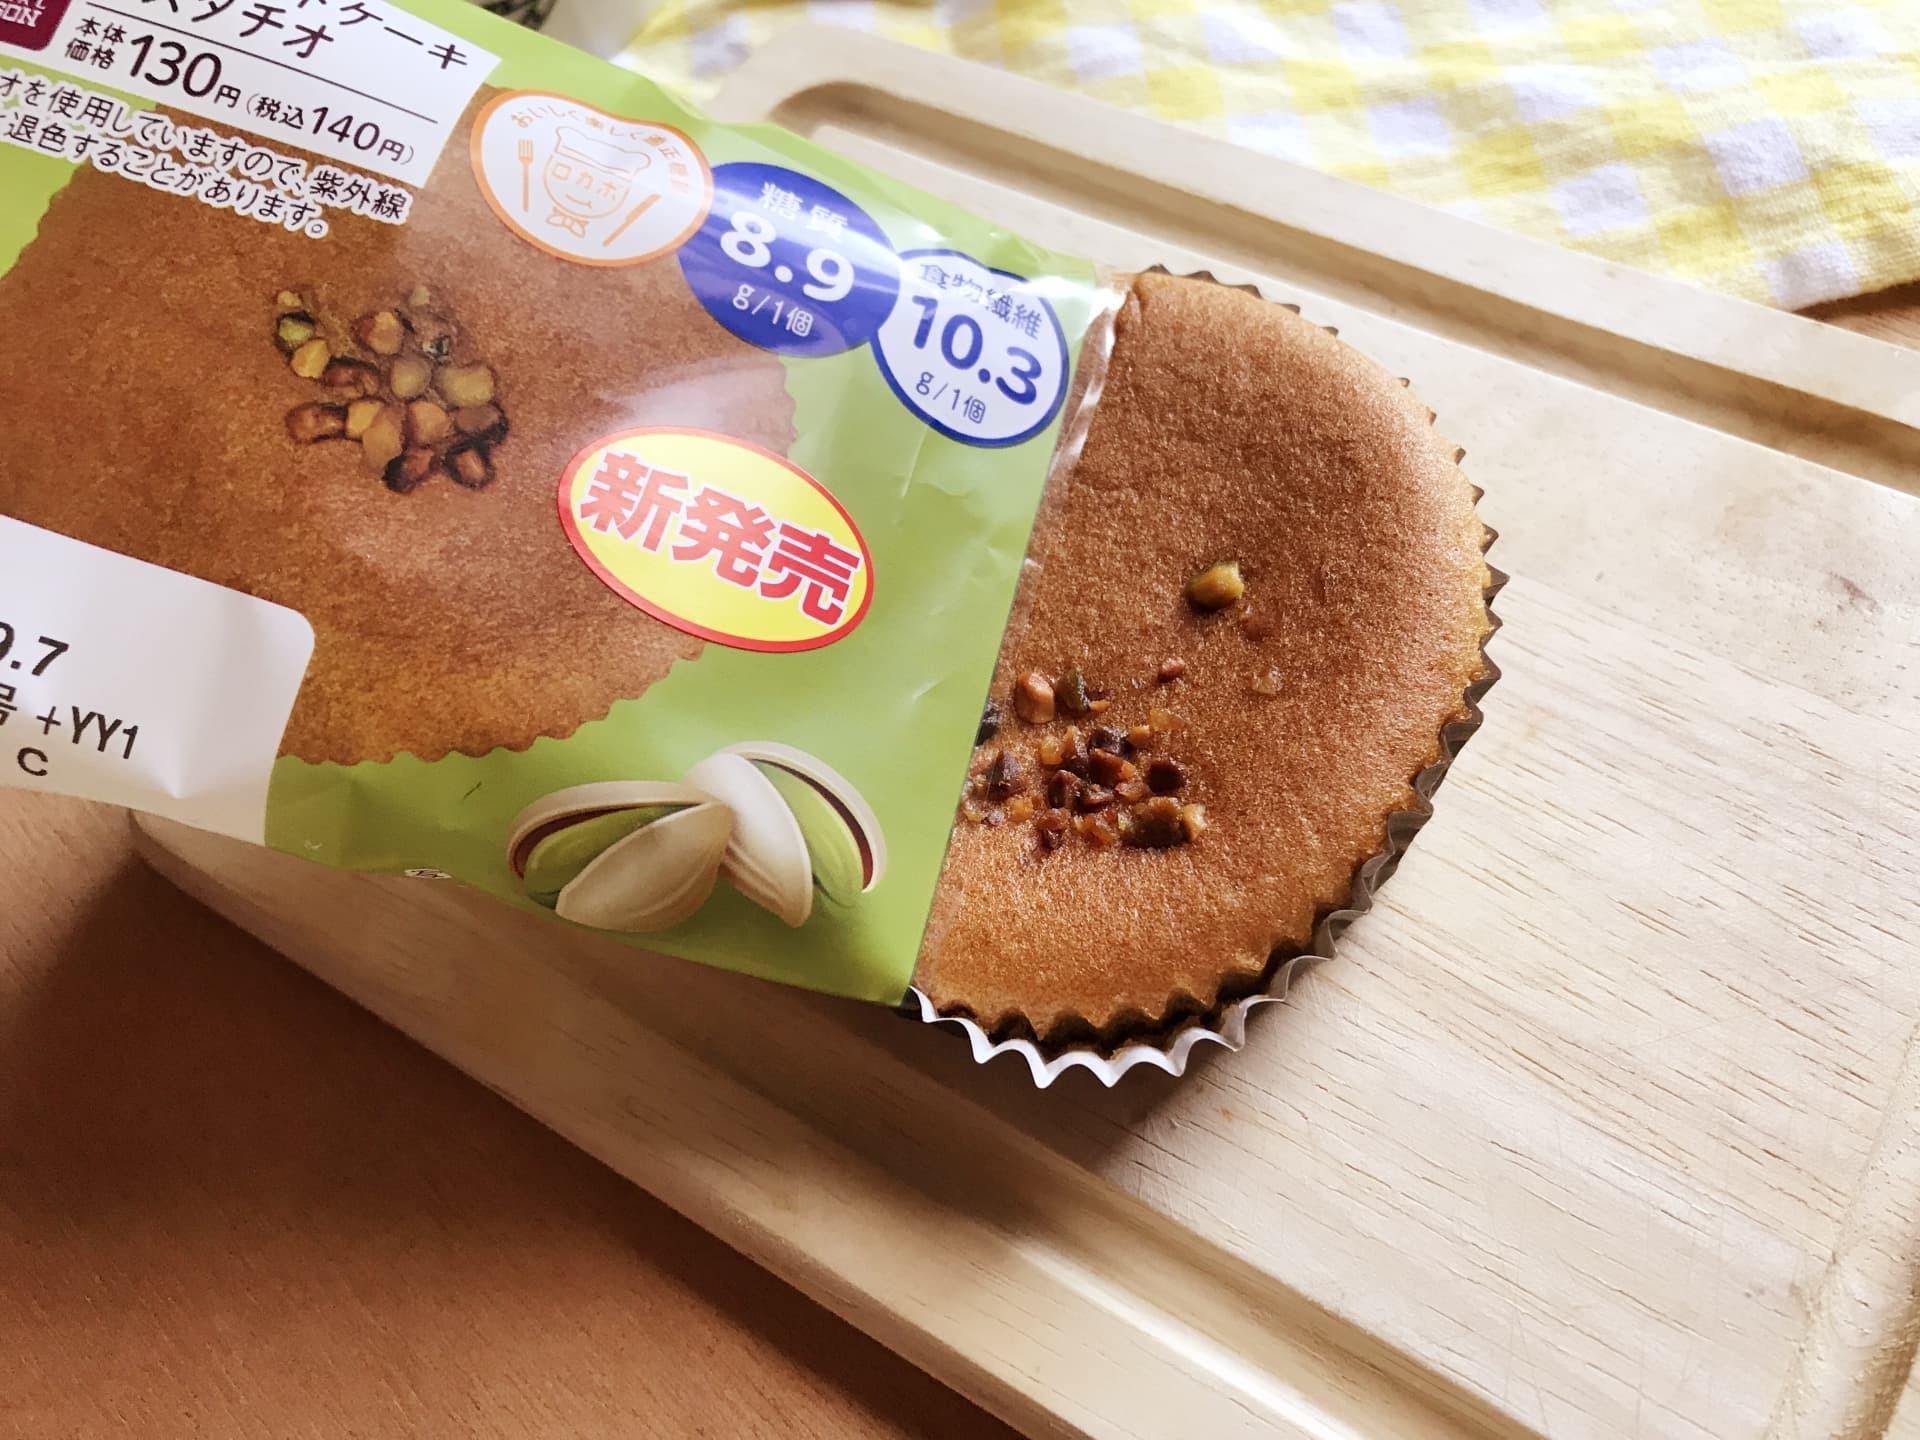 ローソン「NL アーモンドケーキ ピスタチオ」